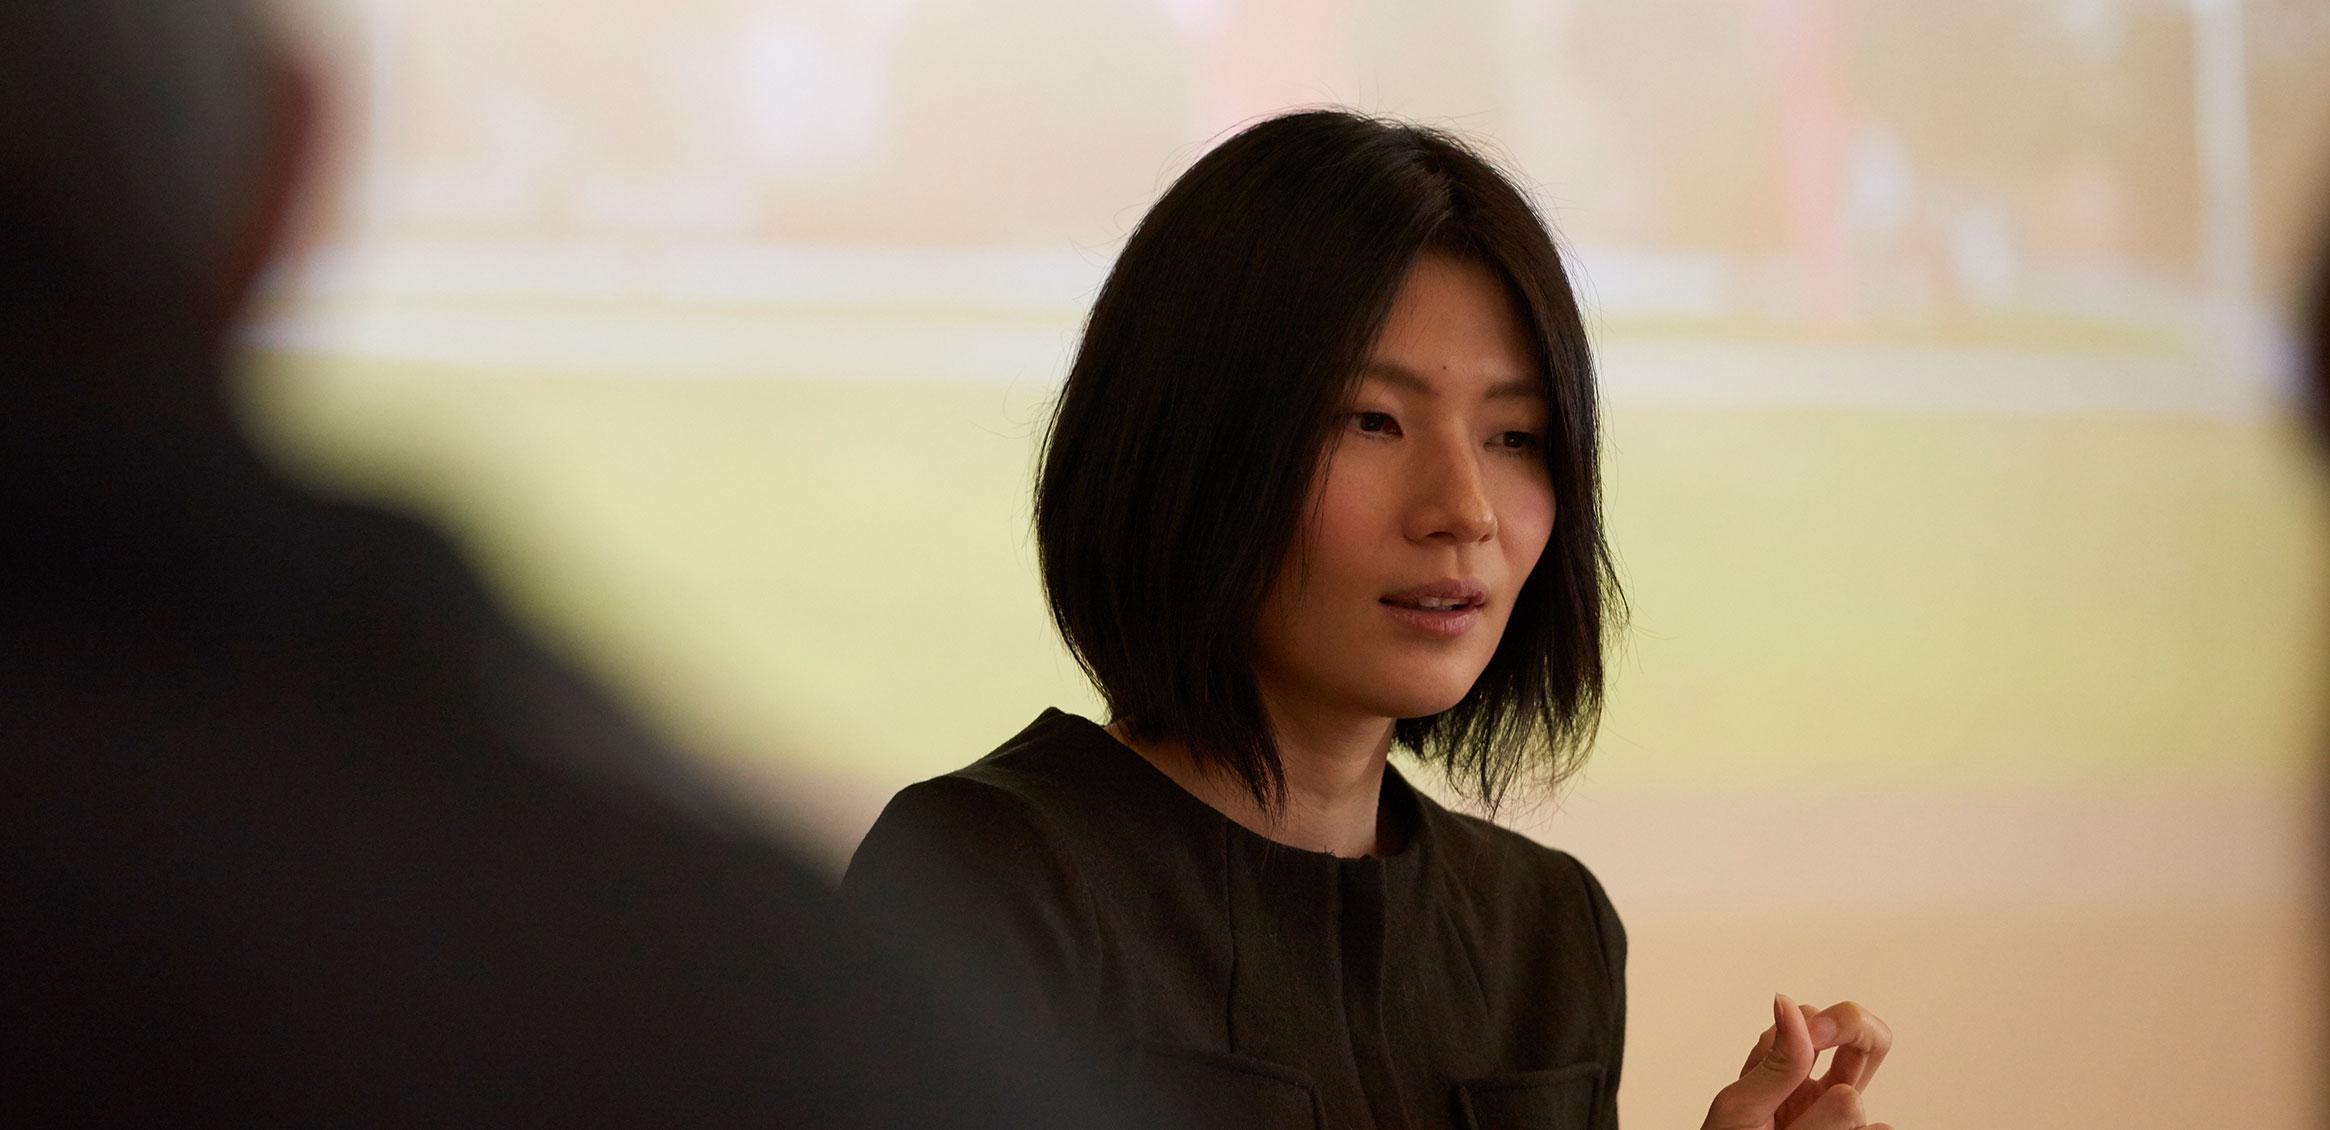 江原 理恵 ニューヨーク・スタートアップレポート